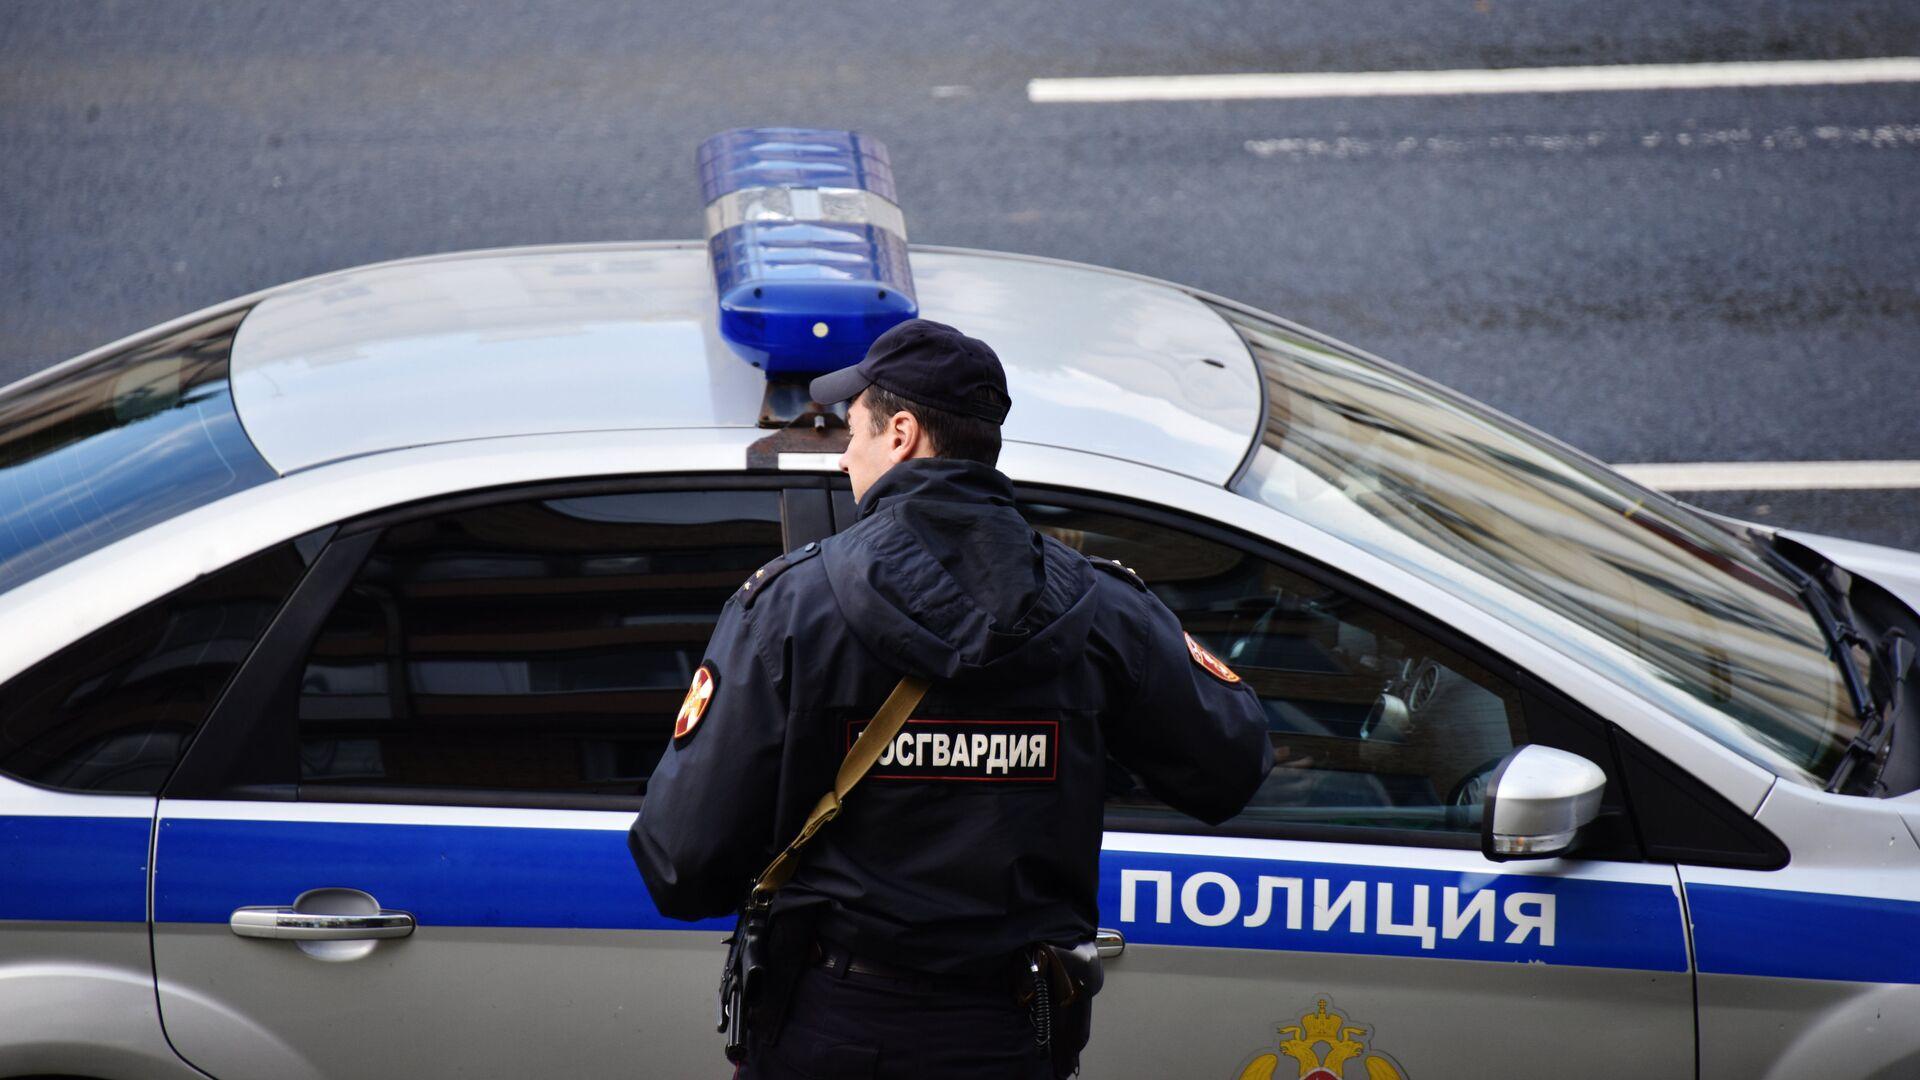 Автомобиль полиции - РИА Новости, 1920, 30.12.2020